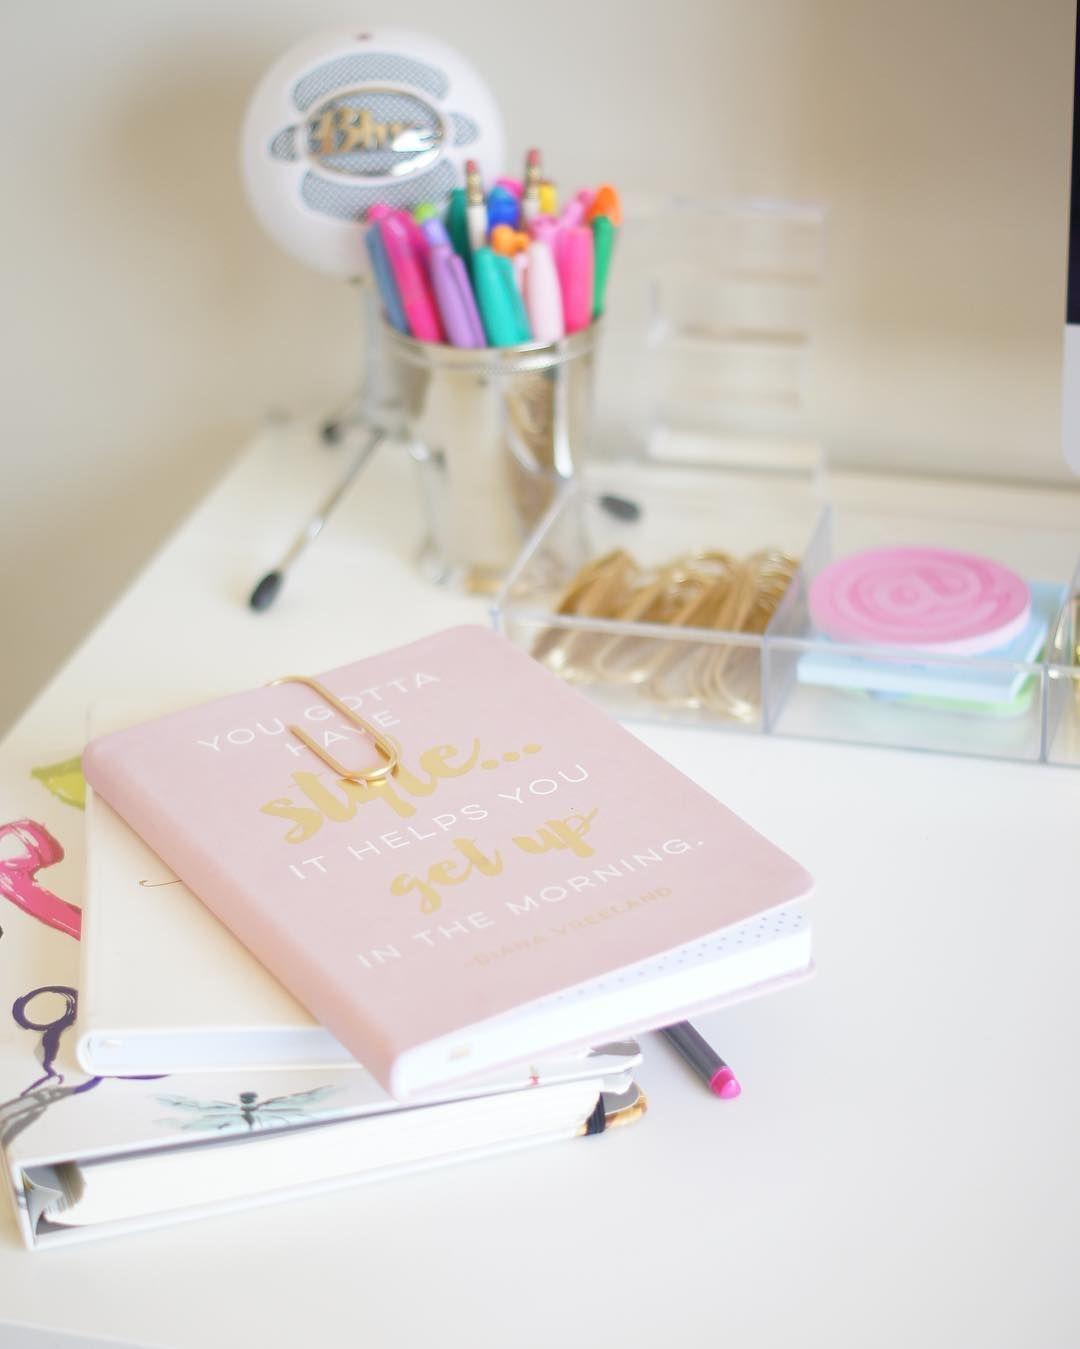 Bed, Bath, Kitchen, Storage, Home & Outdoor Décor | Desk accessories ...